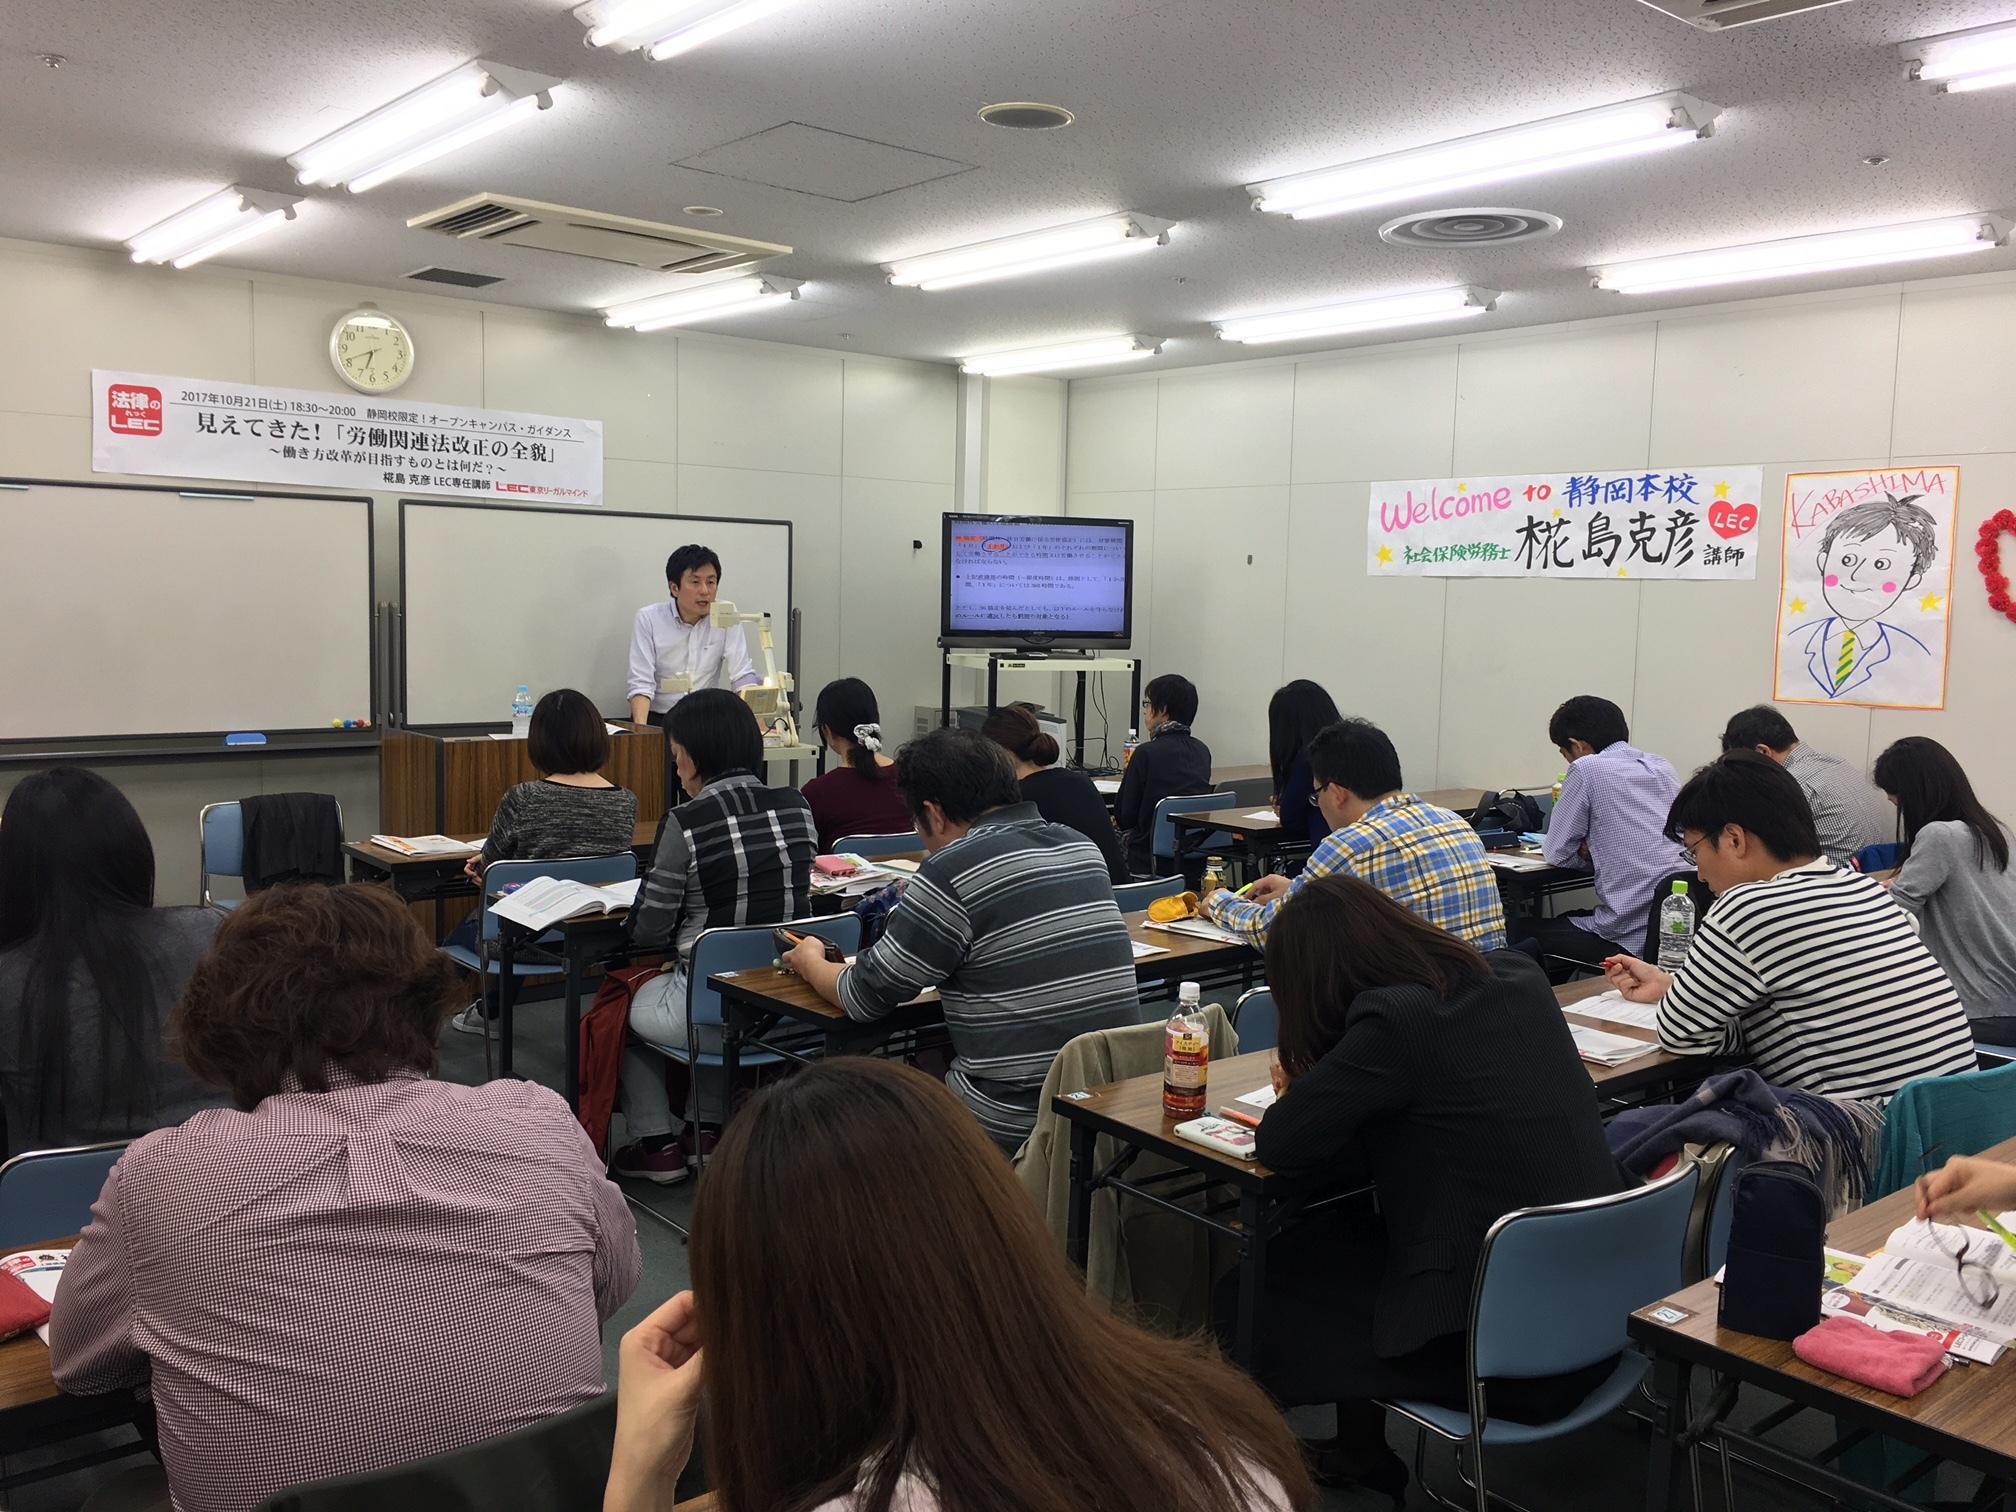 20171021_椛島講師ガイダンス②